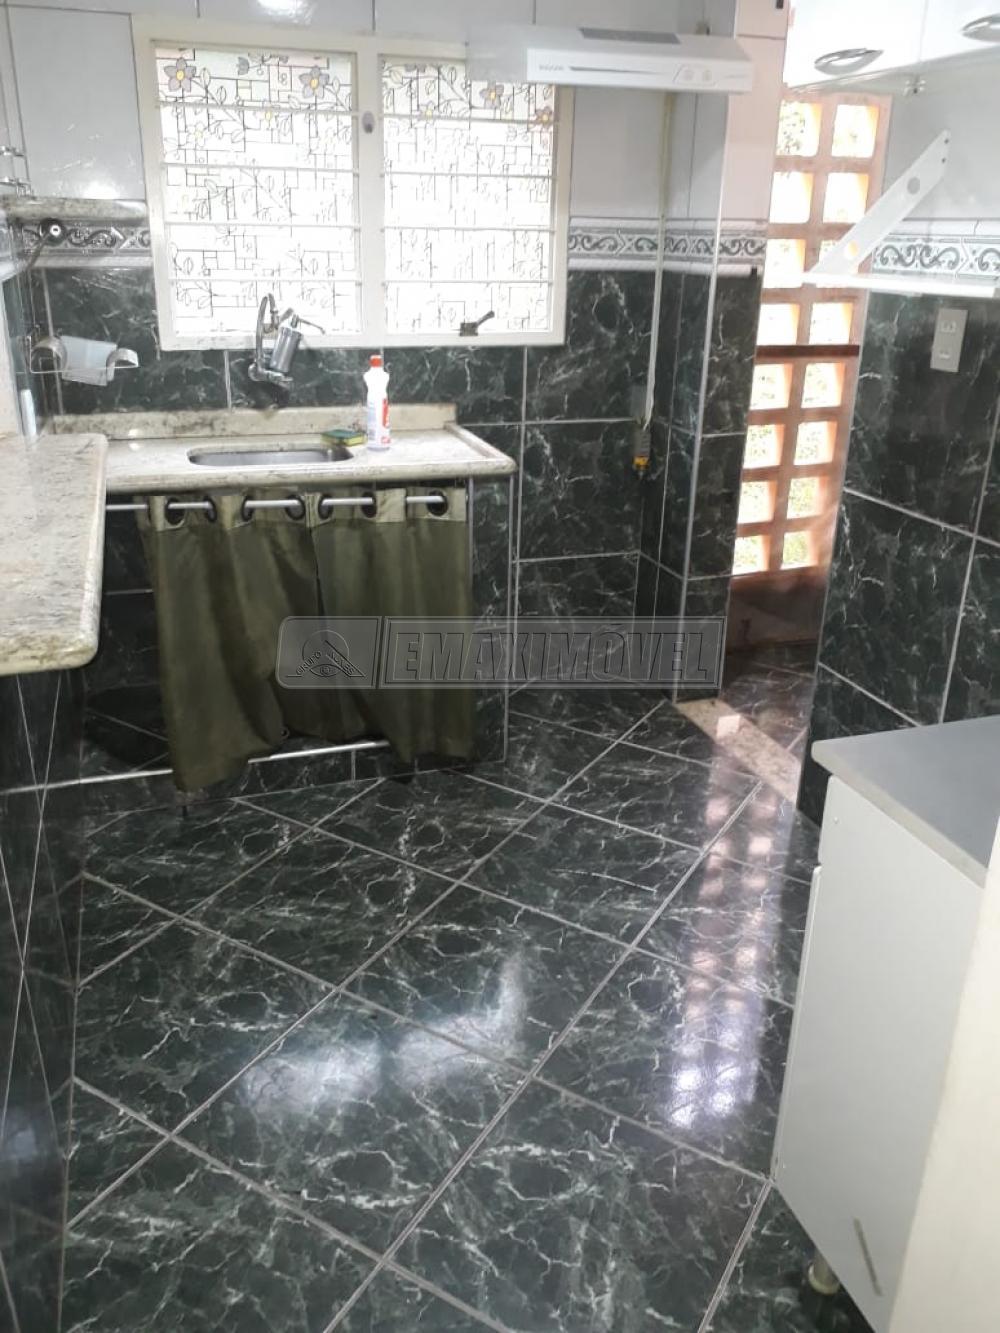 Comprar Apartamentos / Apto Padrão em Sorocaba apenas R$ 155.000,00 - Foto 3